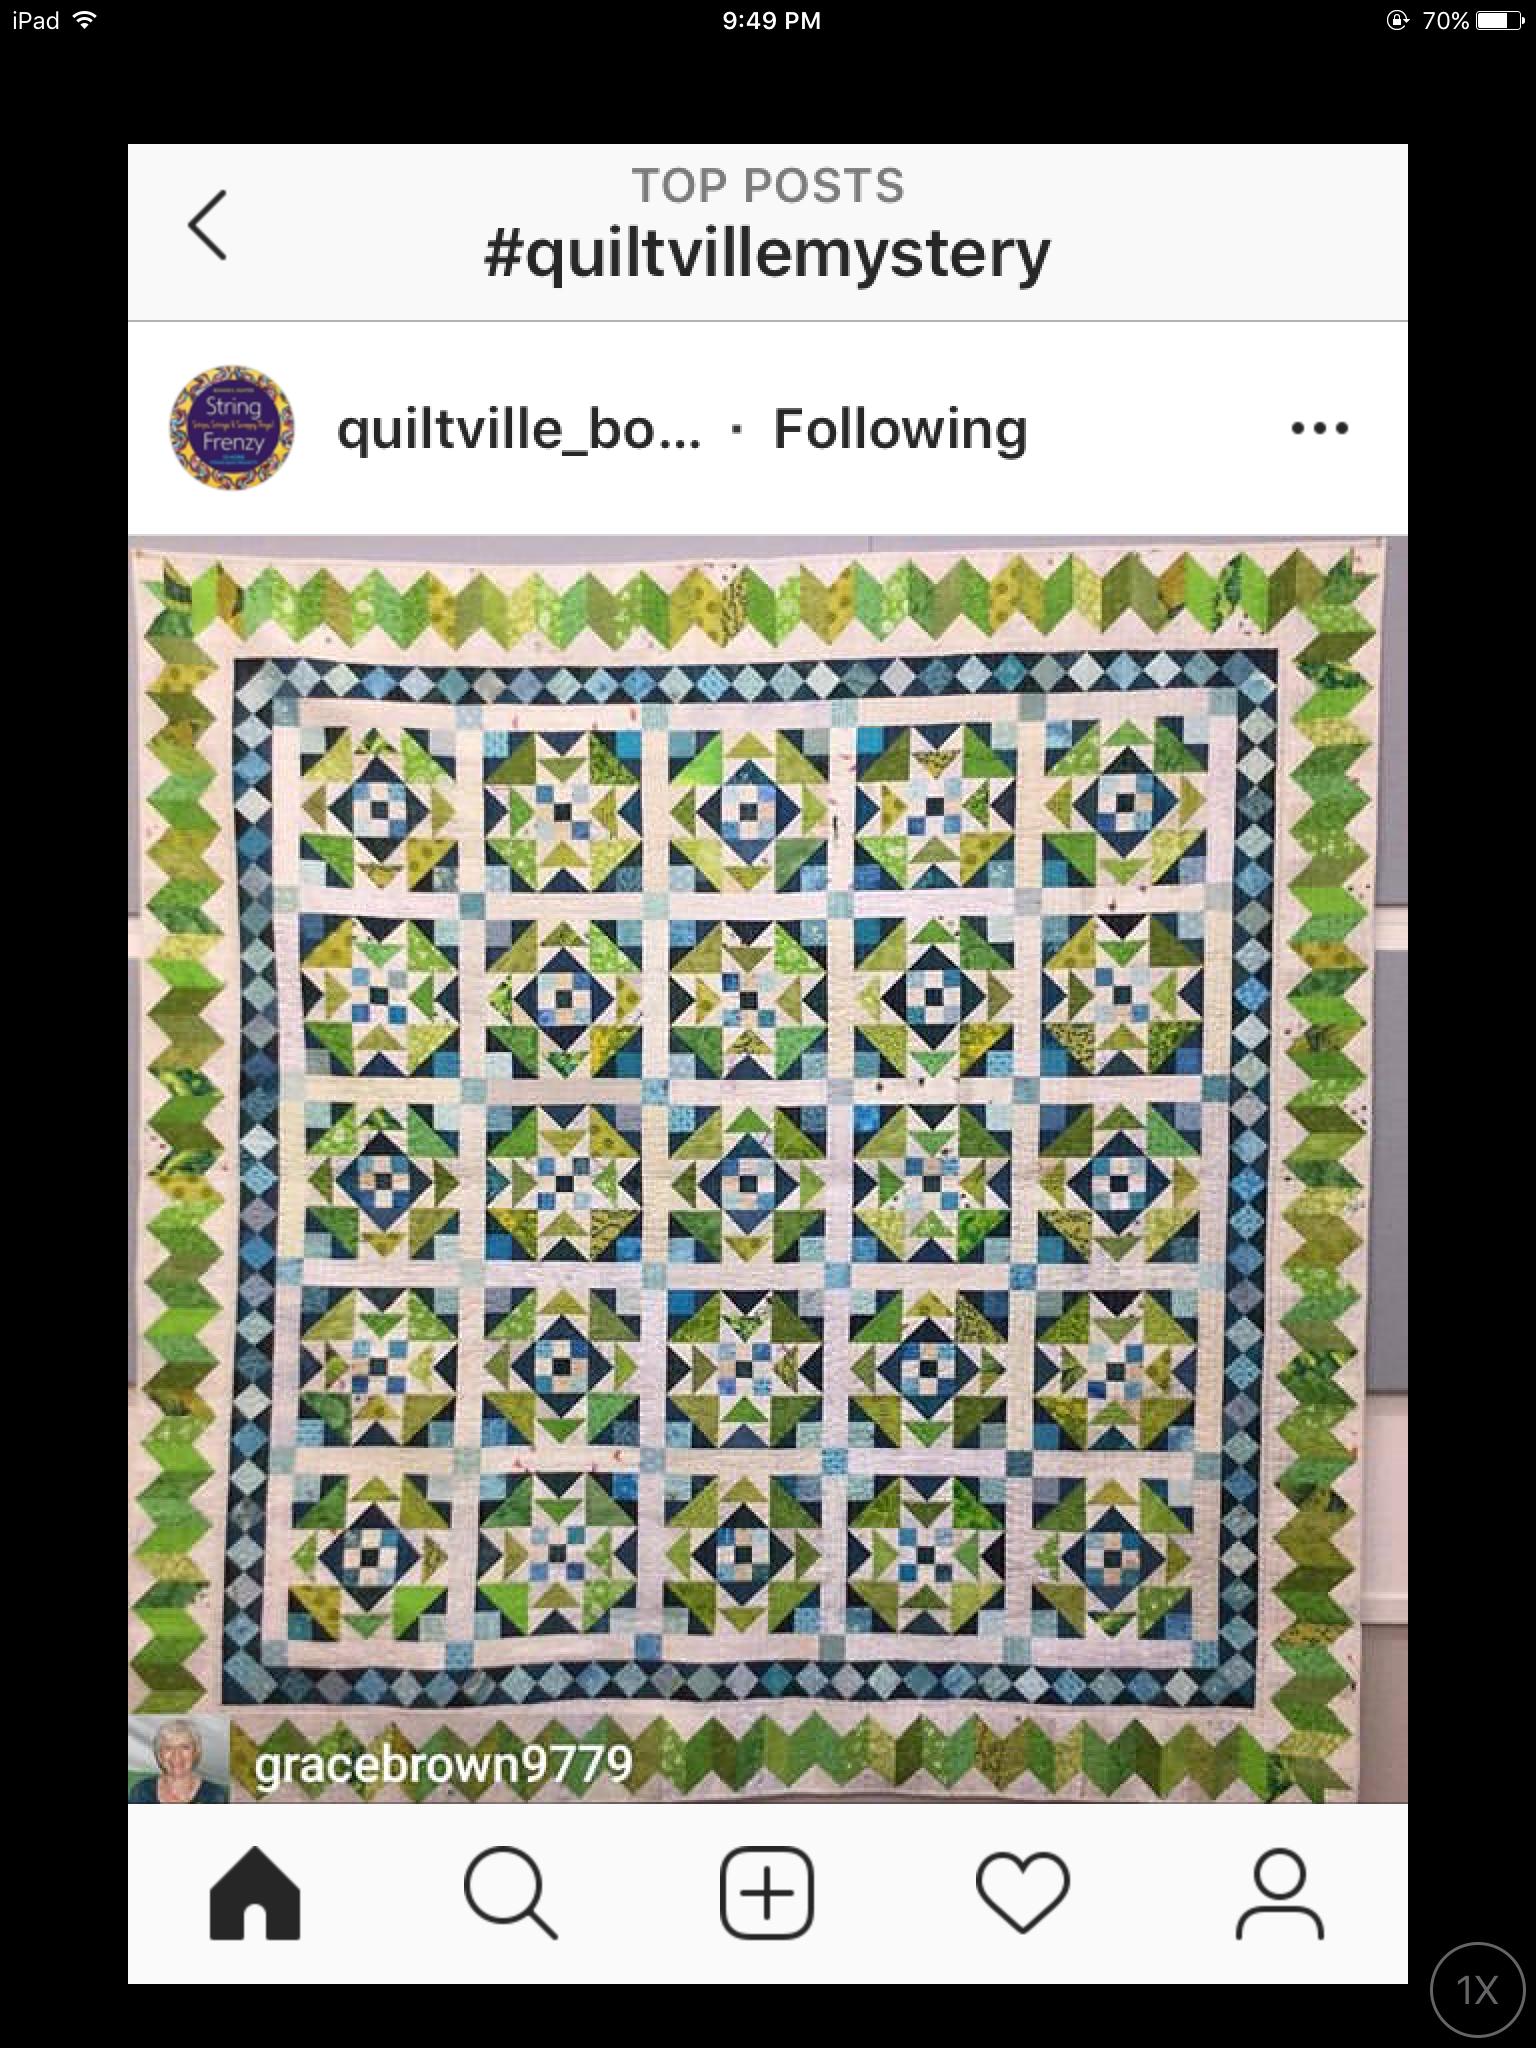 Quiltville Mystery Quilt 2020 : quiltville, mystery, quilt, Sabine, Kissen, Quiltville,, Quilts,, Bonnie, Hunter